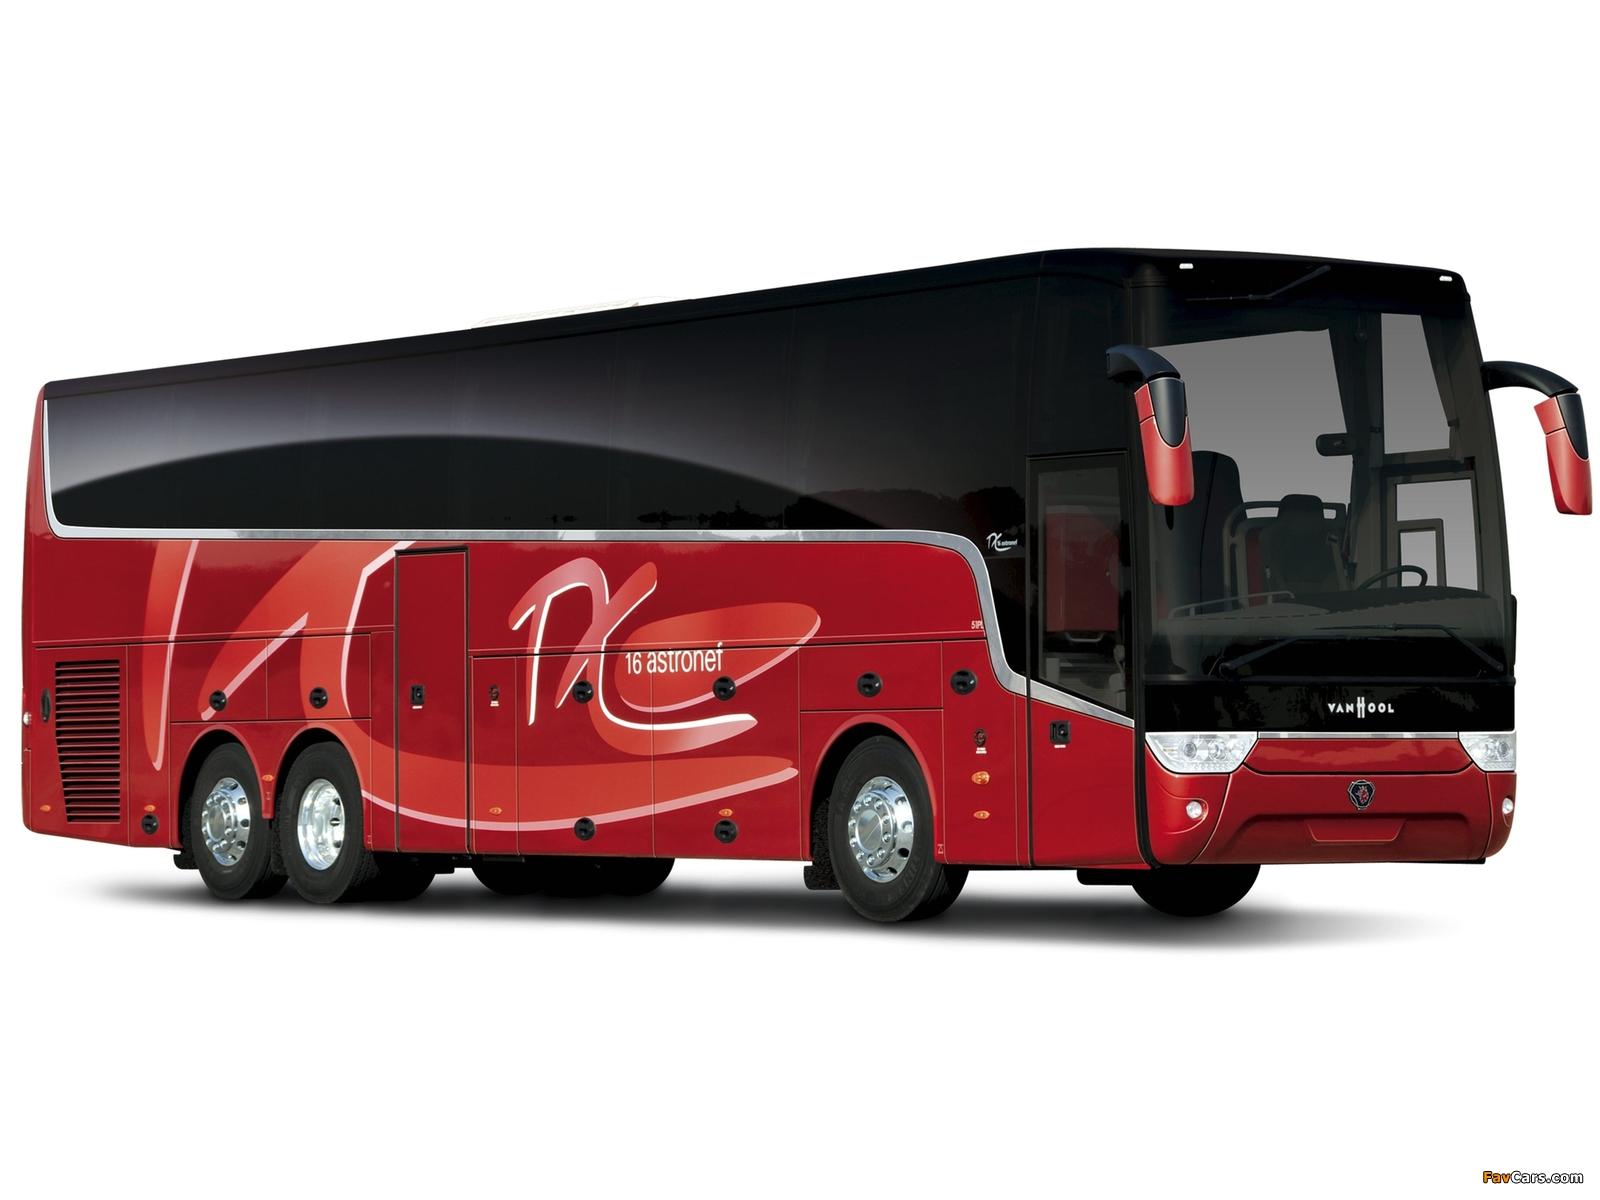 Scania Van Hool TX16 Astronef 2011 wallpapers (1600 x 1200)